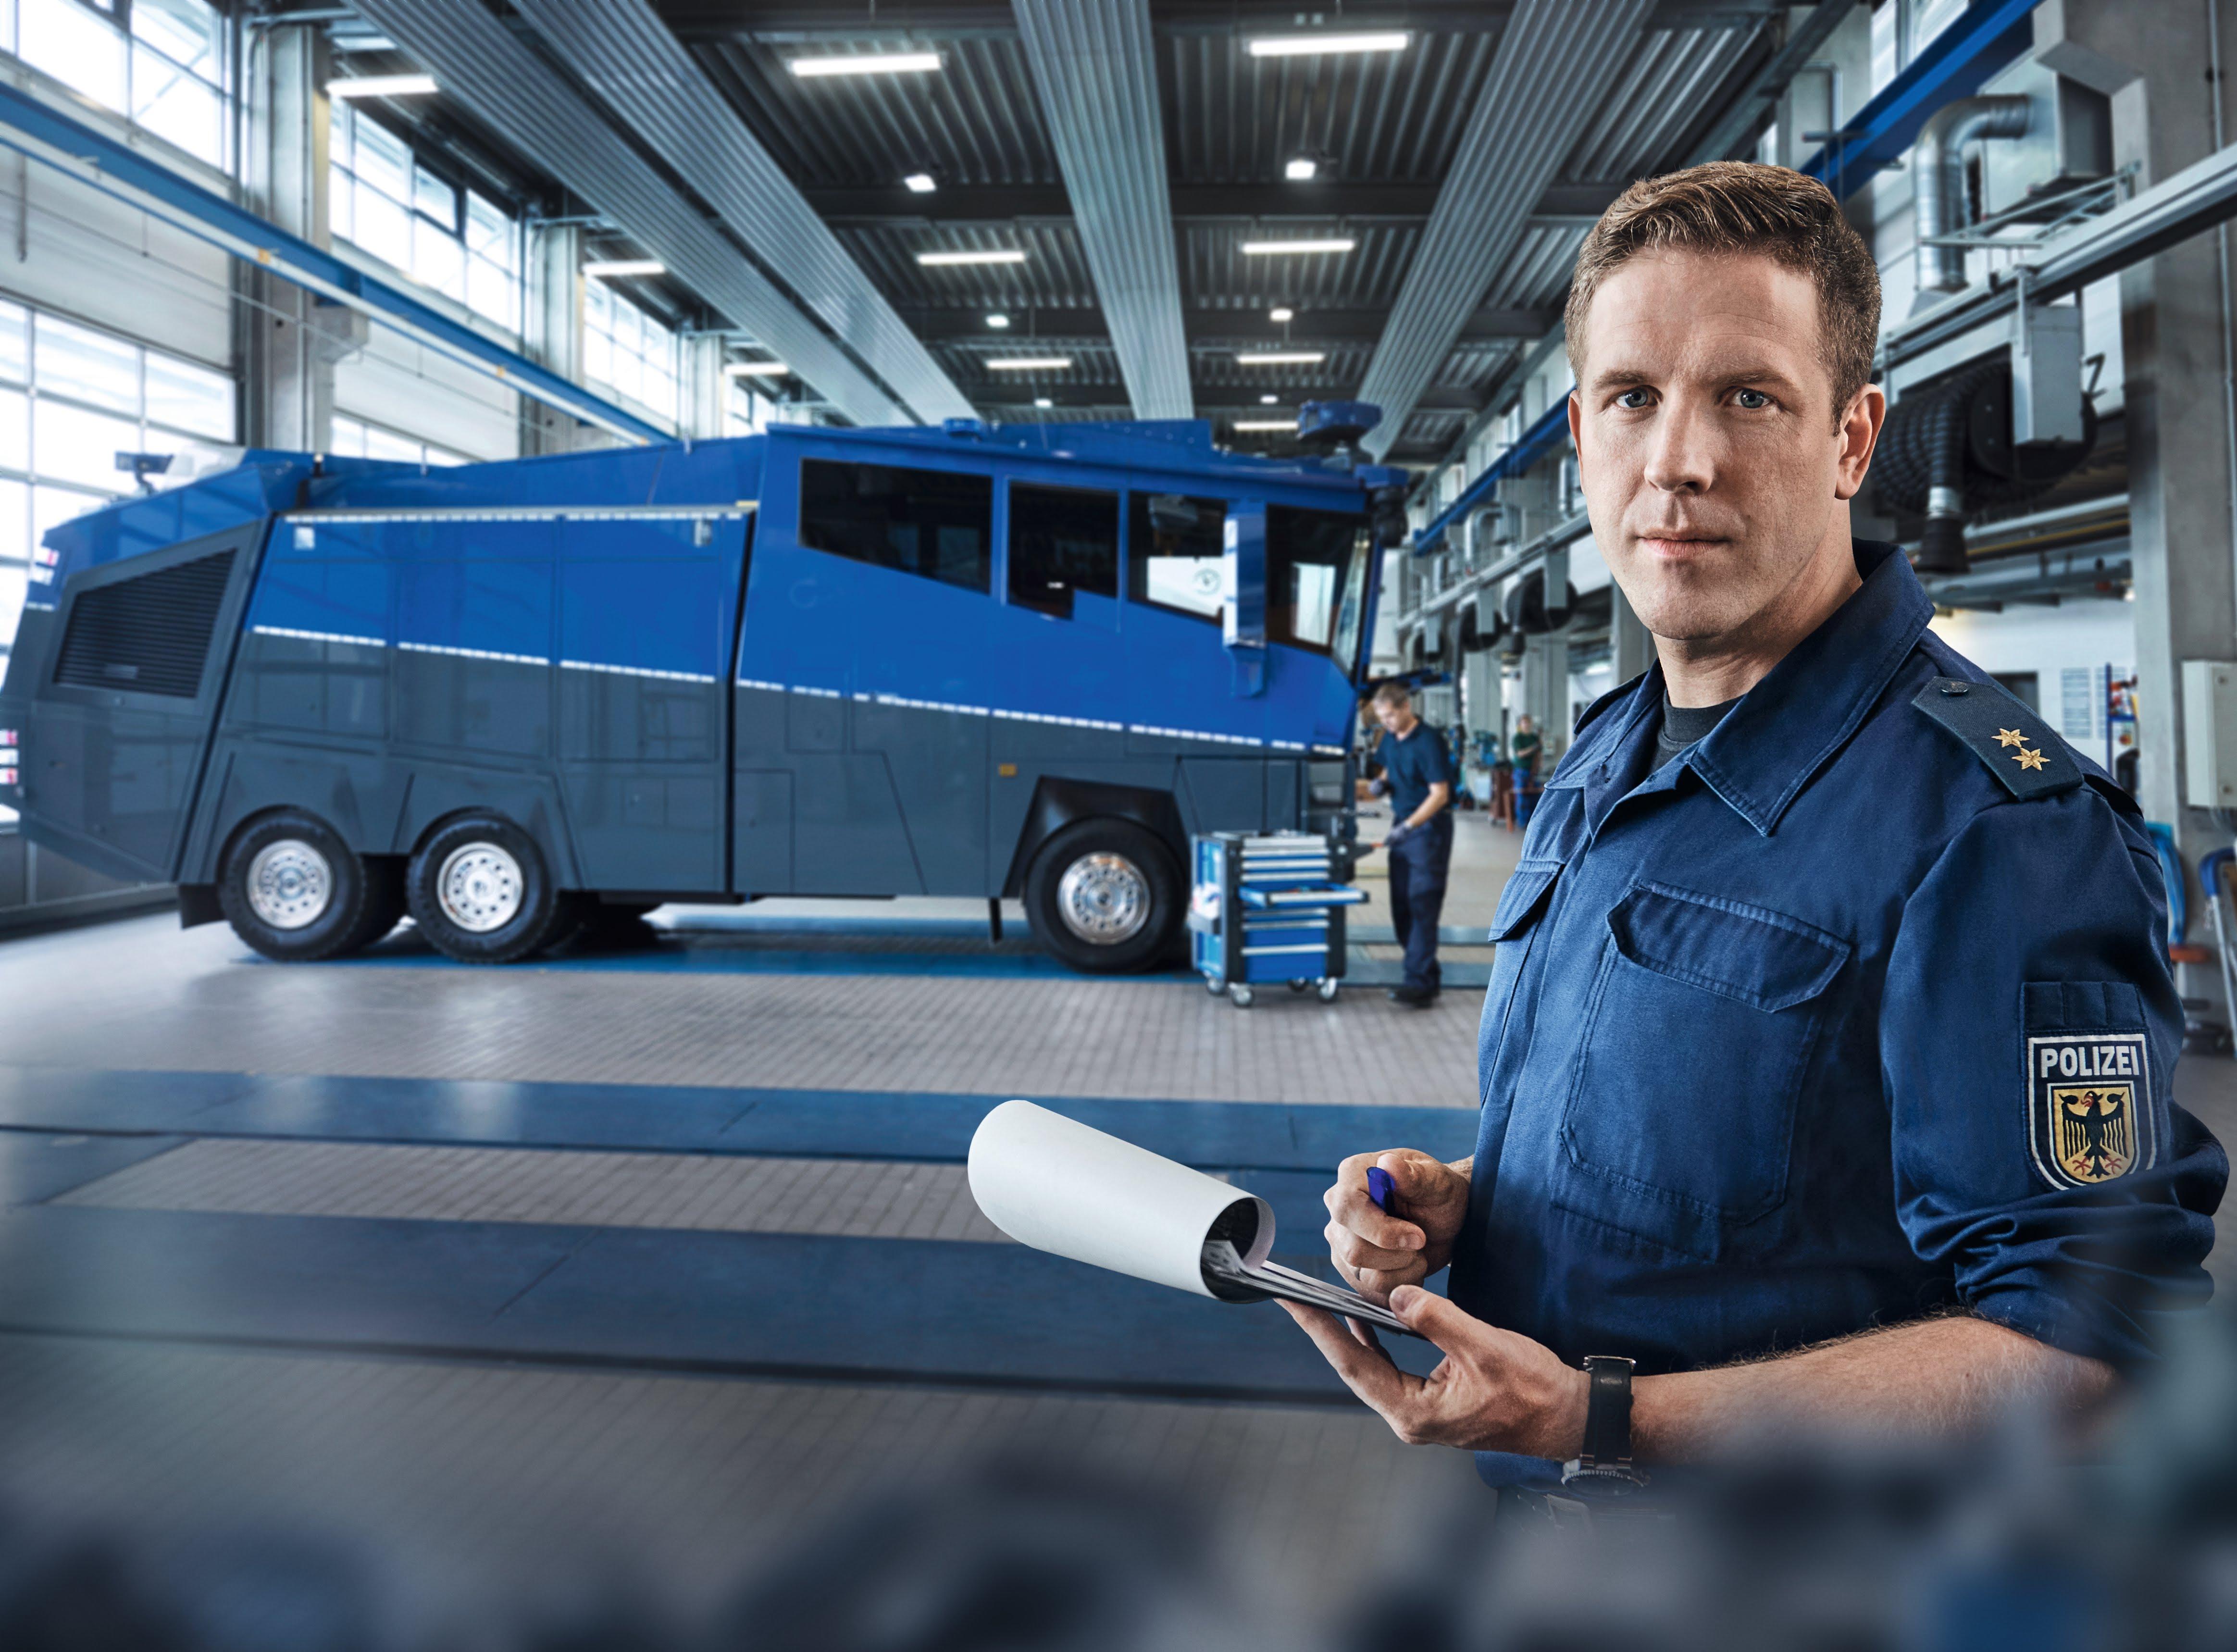 Bpol_Fachkräfte_Fuhrpark_BMI_39L_BPO_Fachkraft_Ingenieur.jpg – Bundespolizei, Einstellungsberatung Bunde